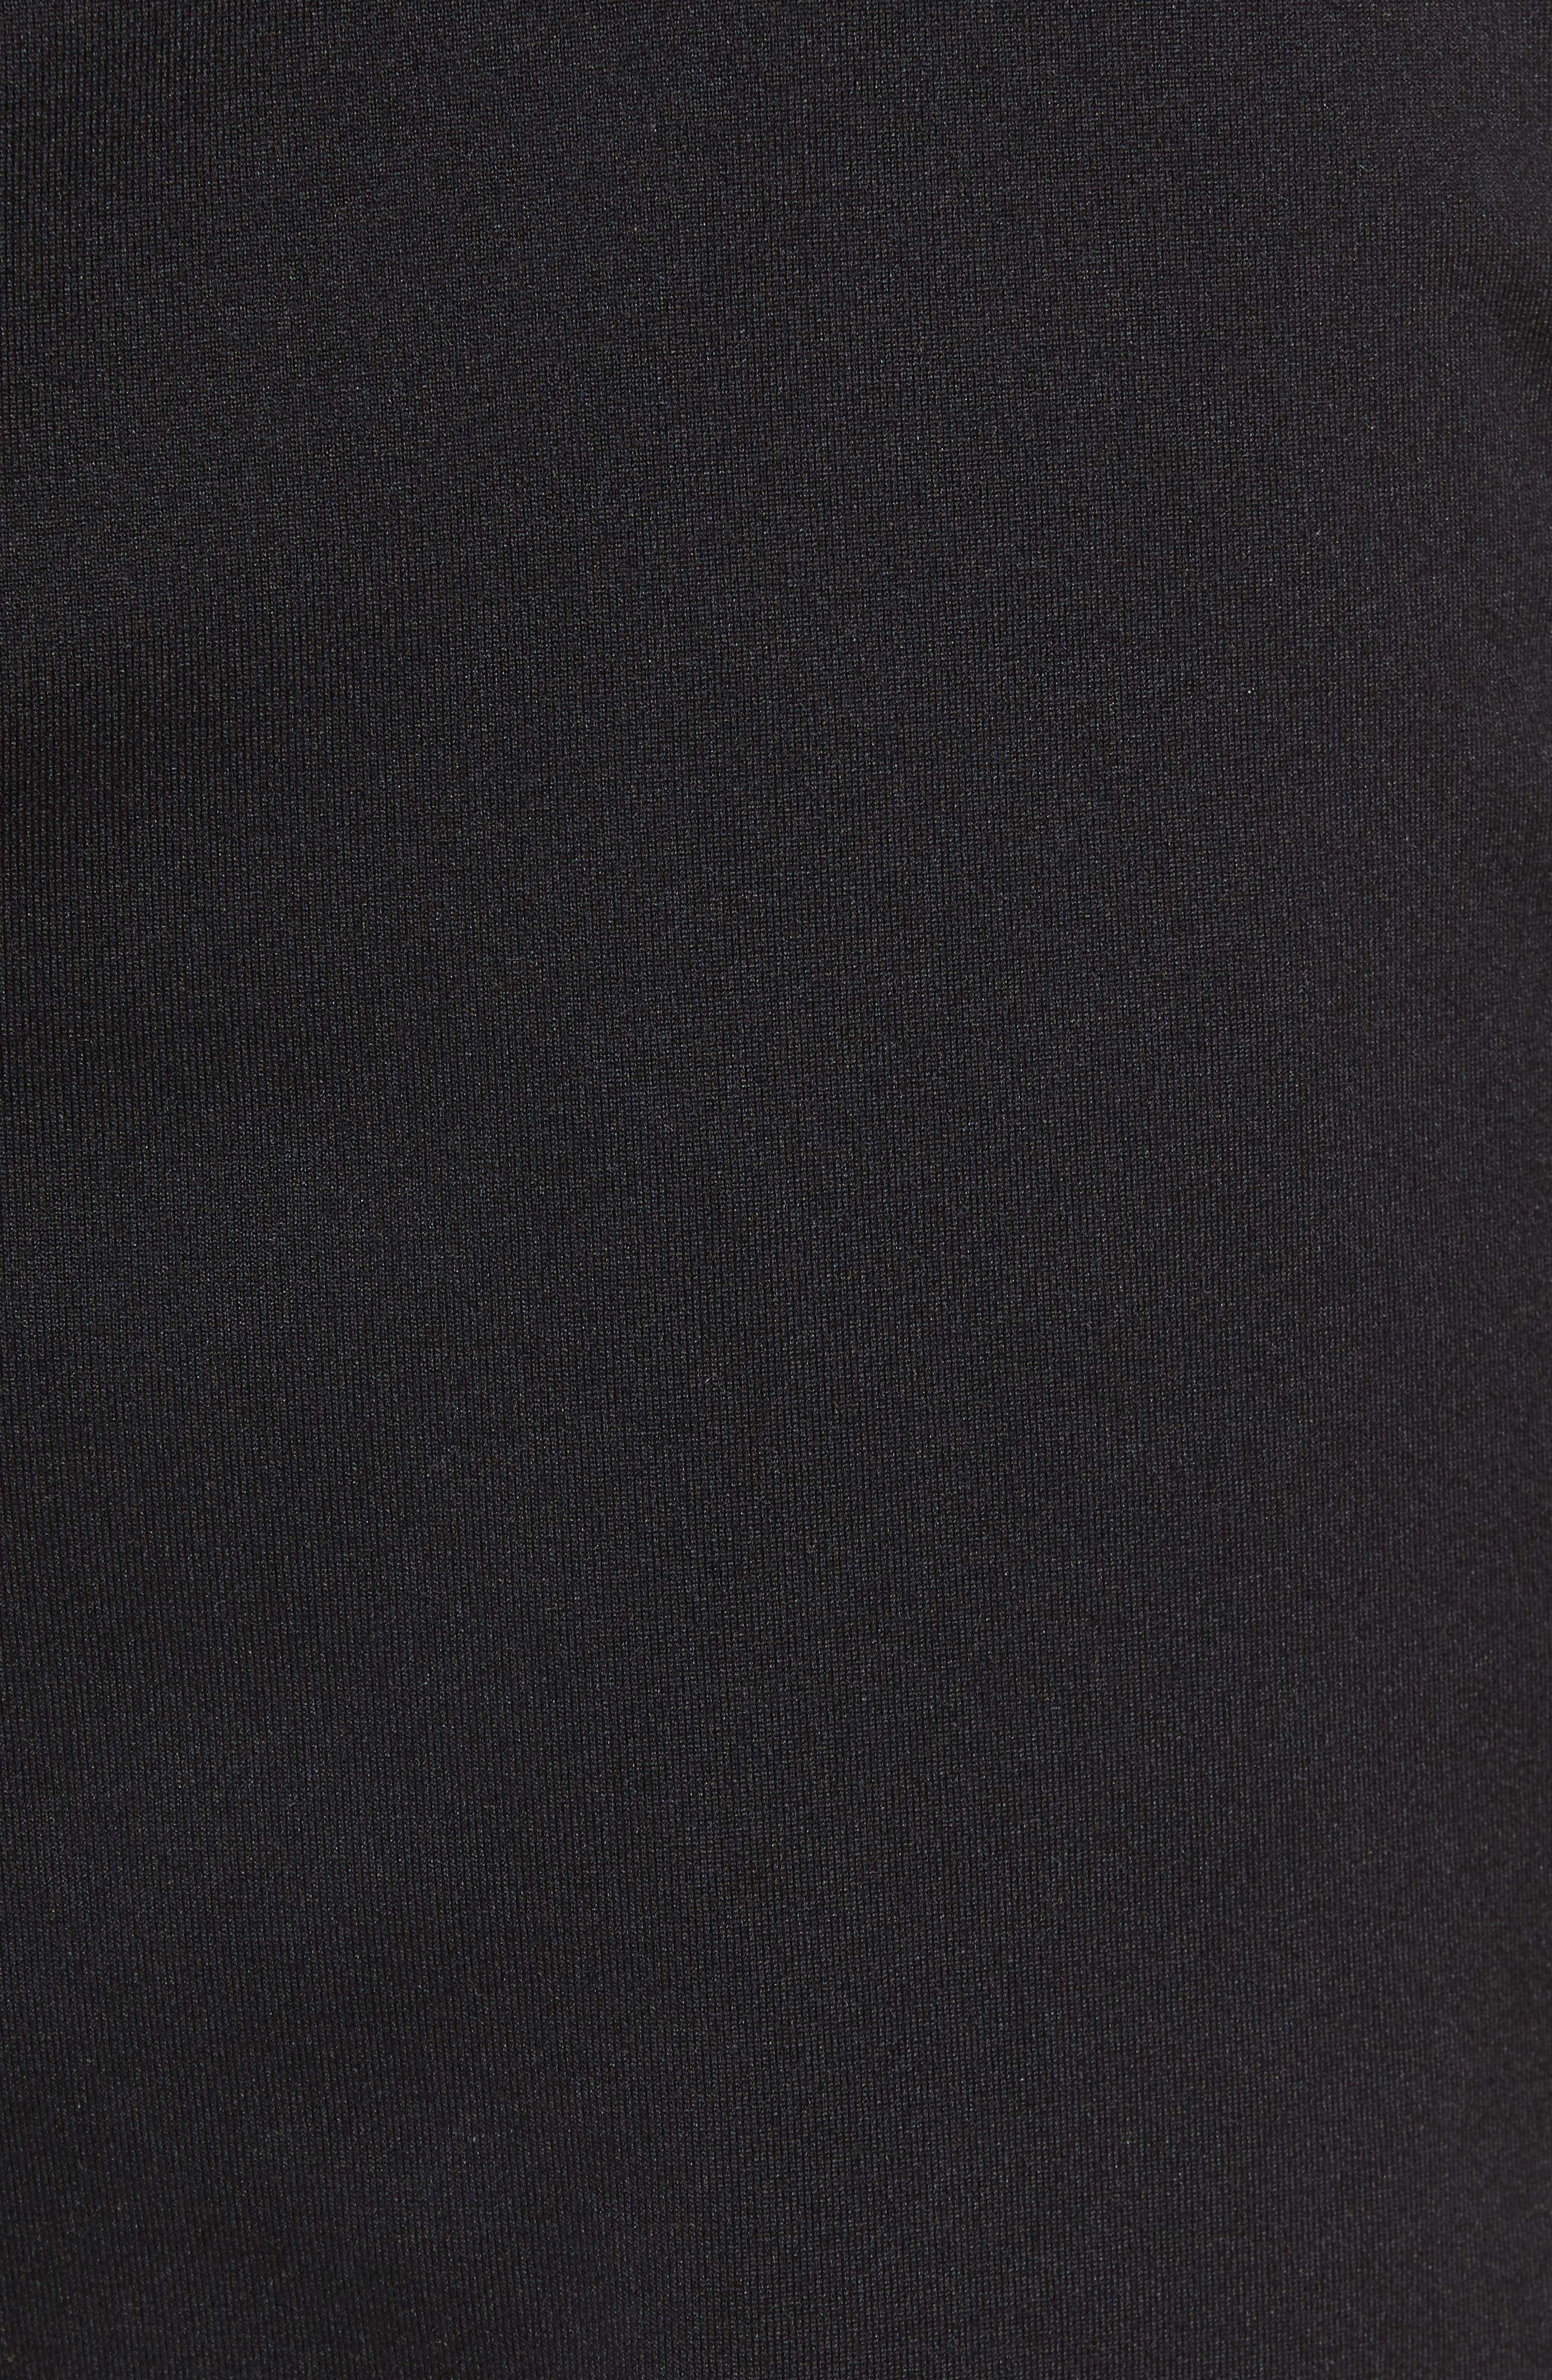 Ponto Shorts,                             Alternate thumbnail 5, color,                             Black